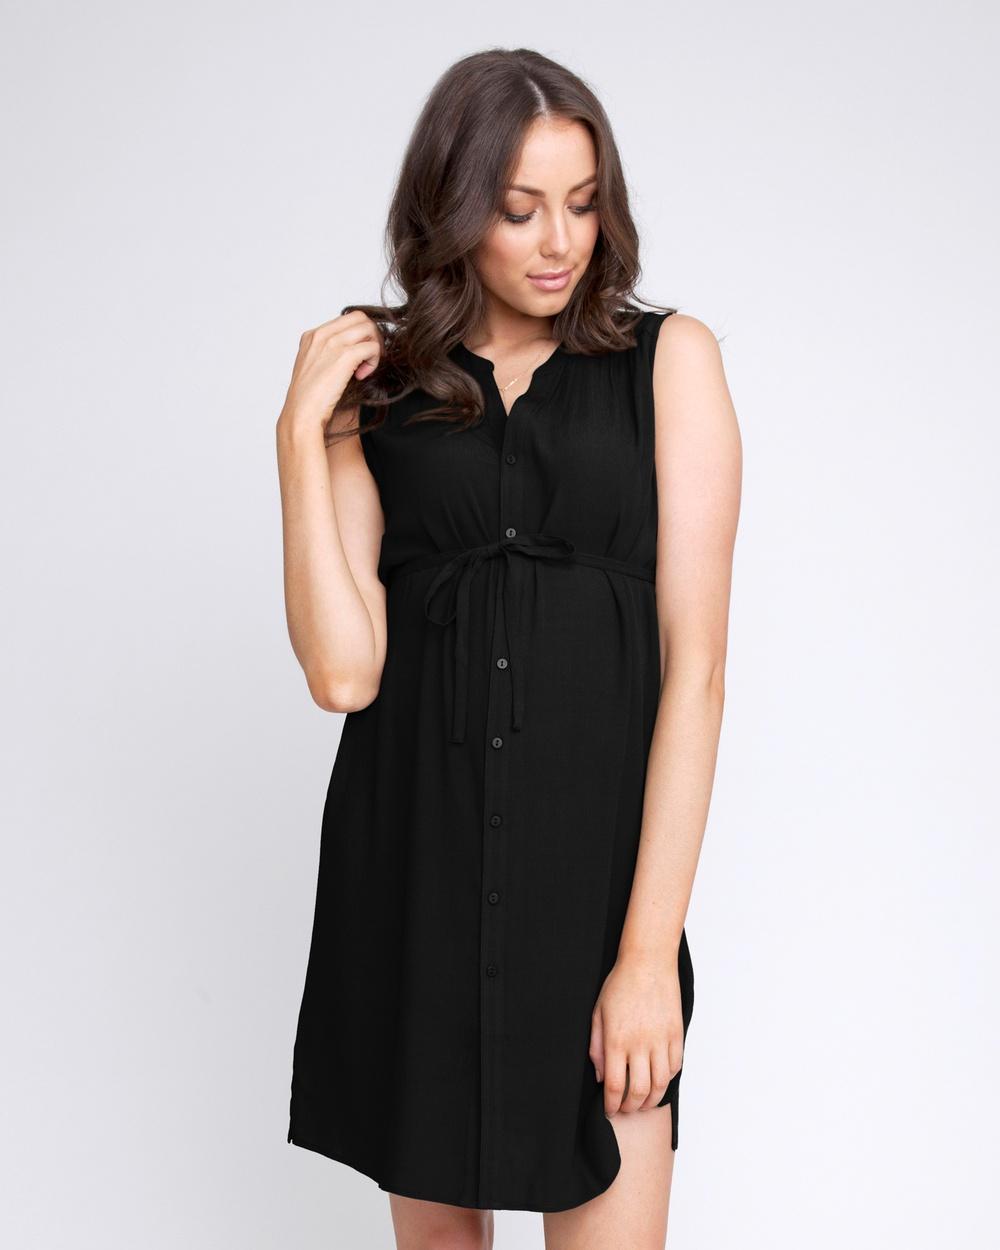 Ripe Maternity - April Dress Dresses (Black)